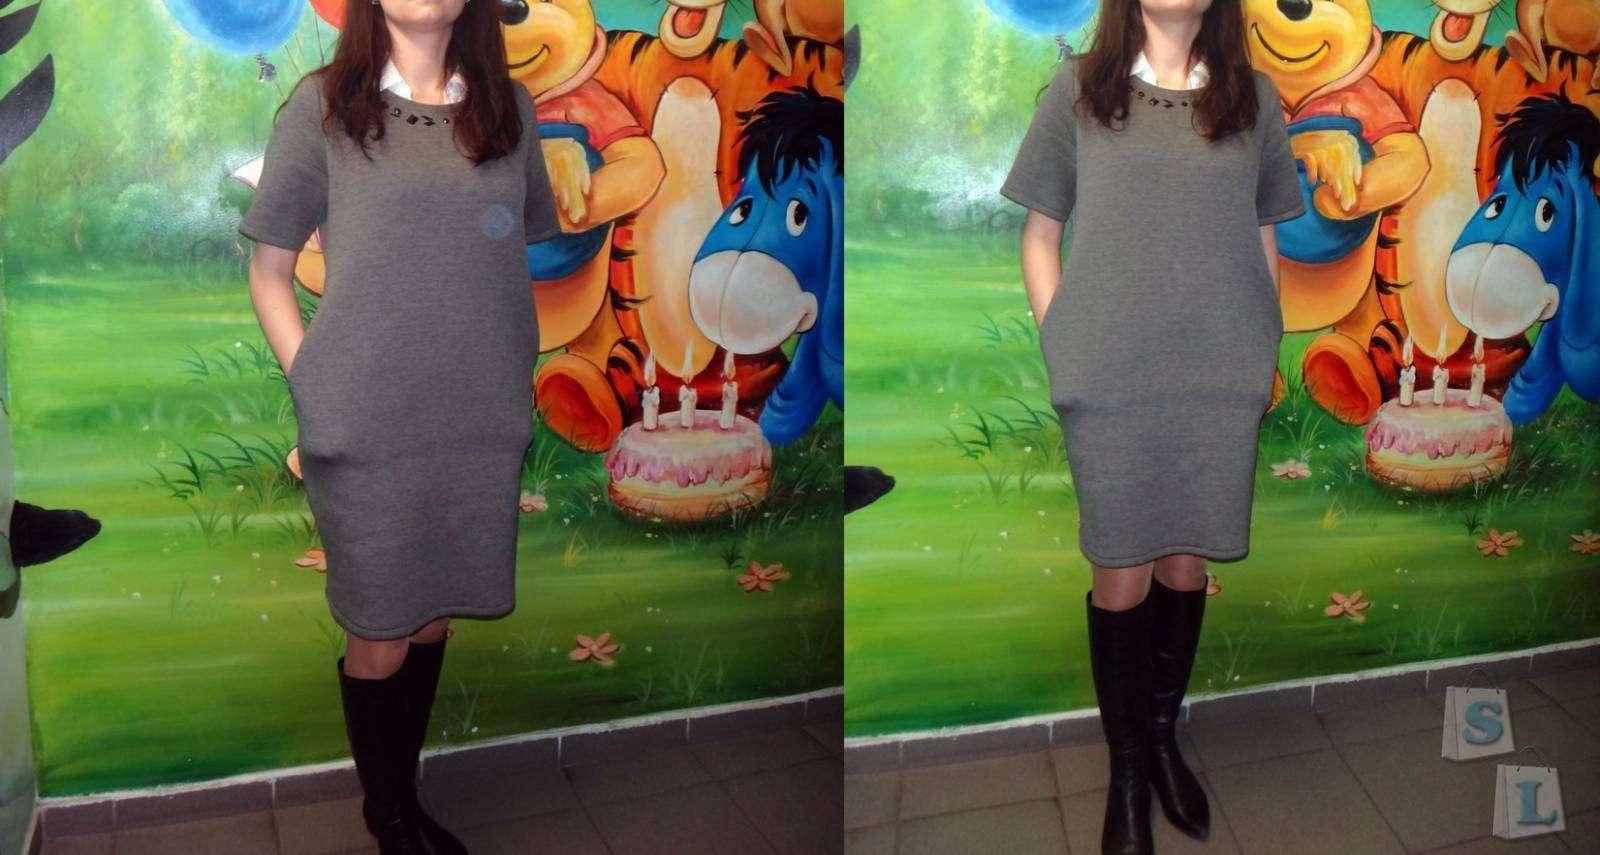 Aliexpress: Обзор женского платья свободного кроя от Haoduoyi